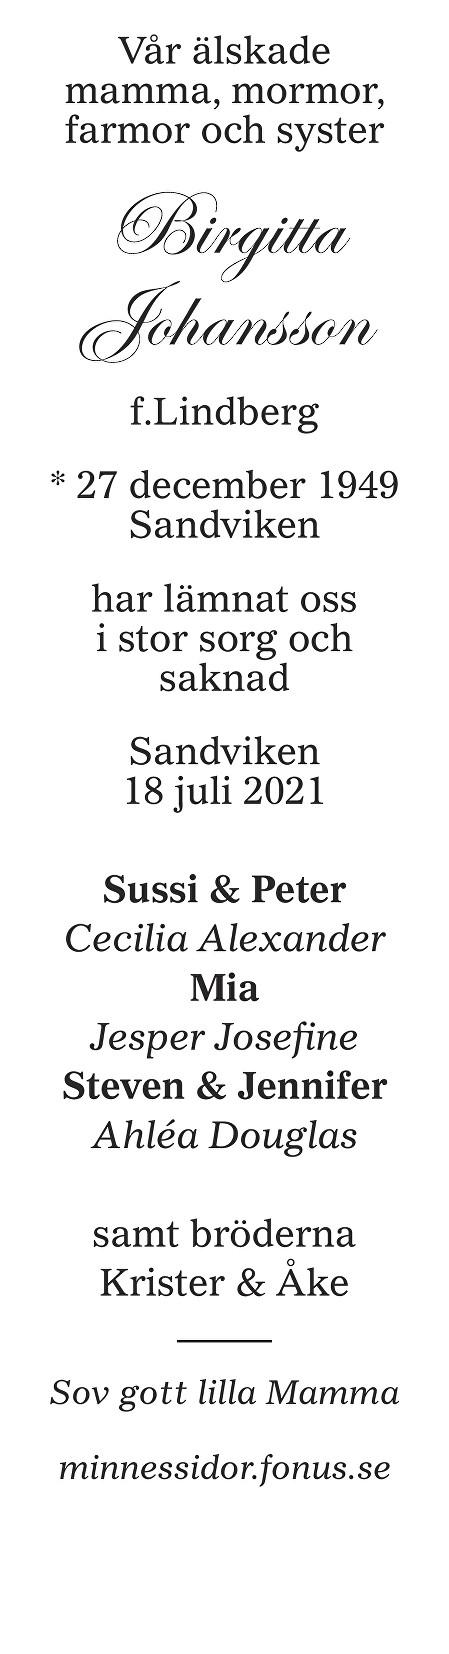 Birgitta Johansson Death notice